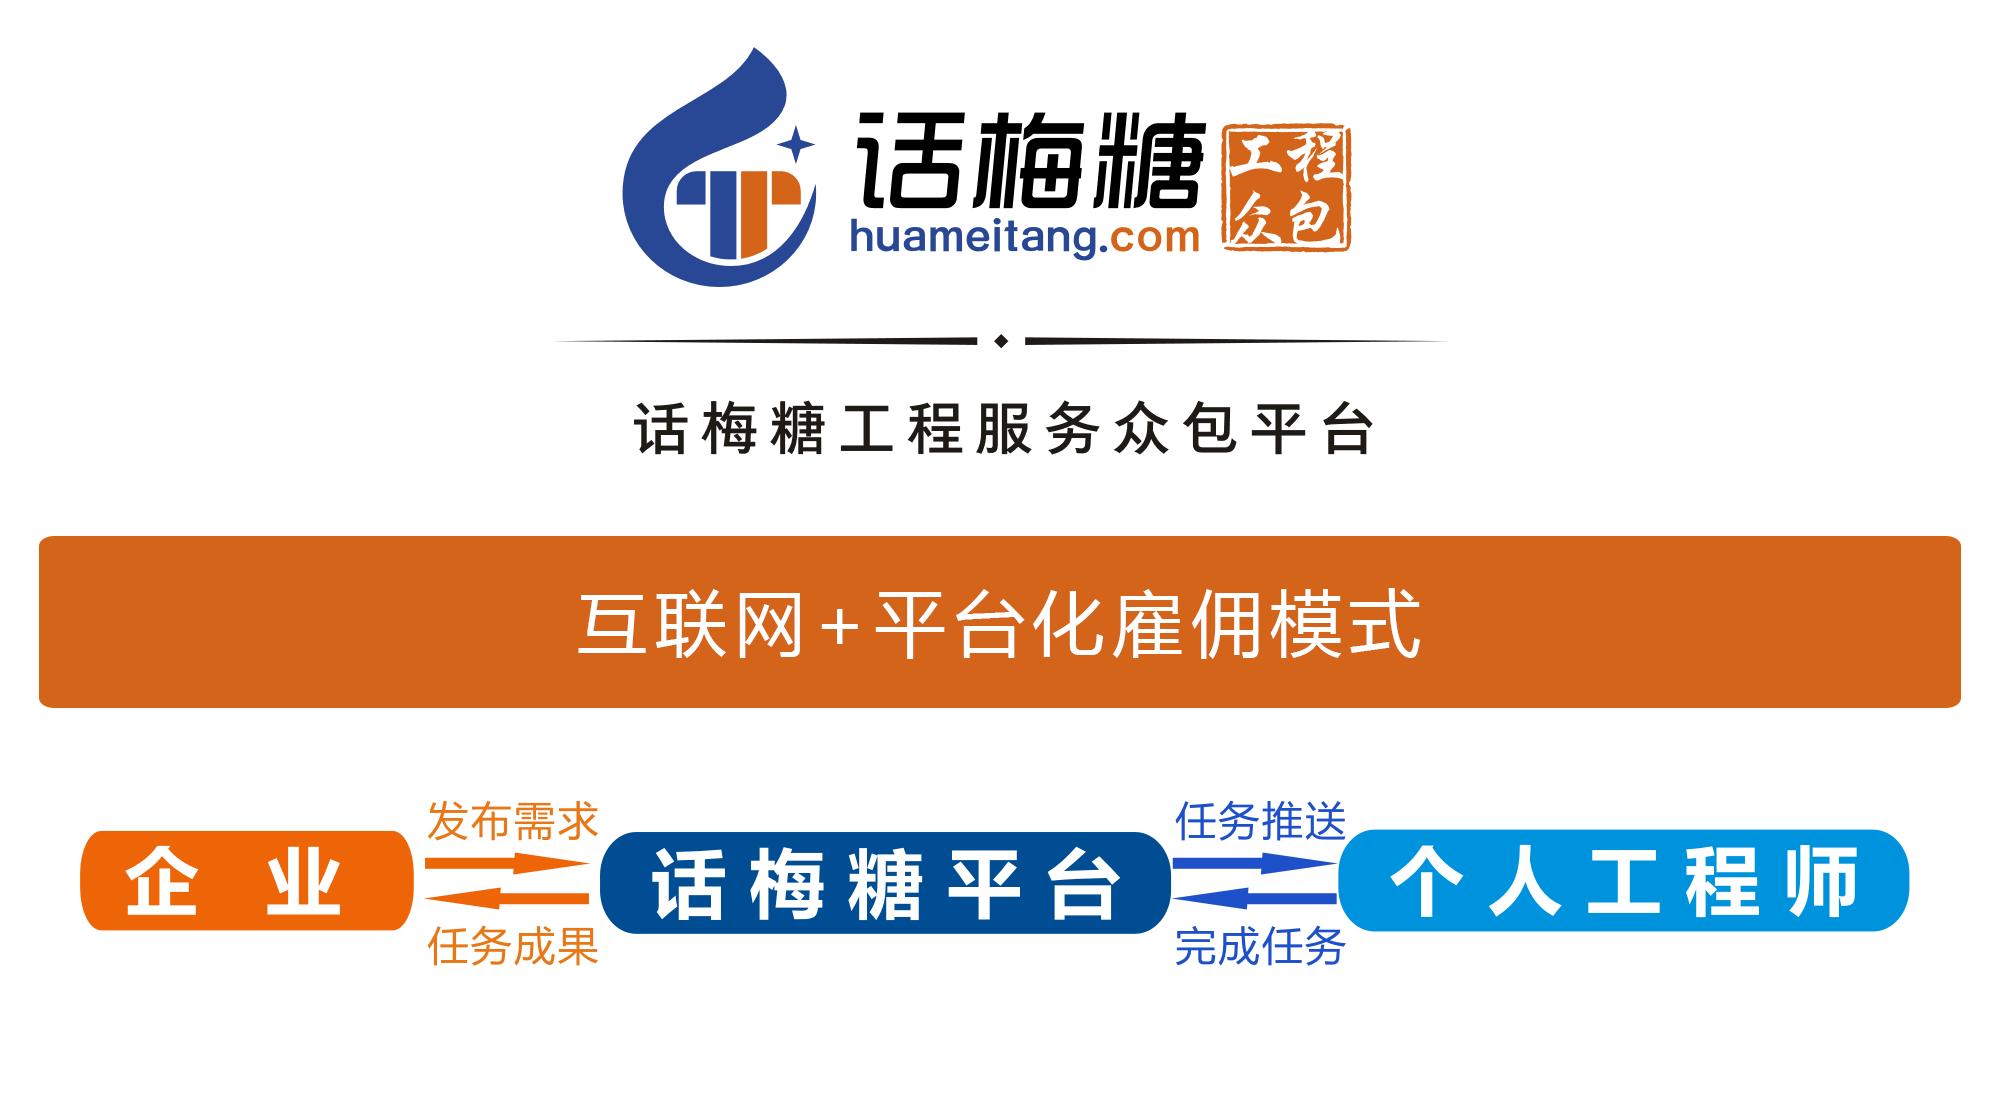 新利18官网糖互联网_平台化雇佣模式a.png